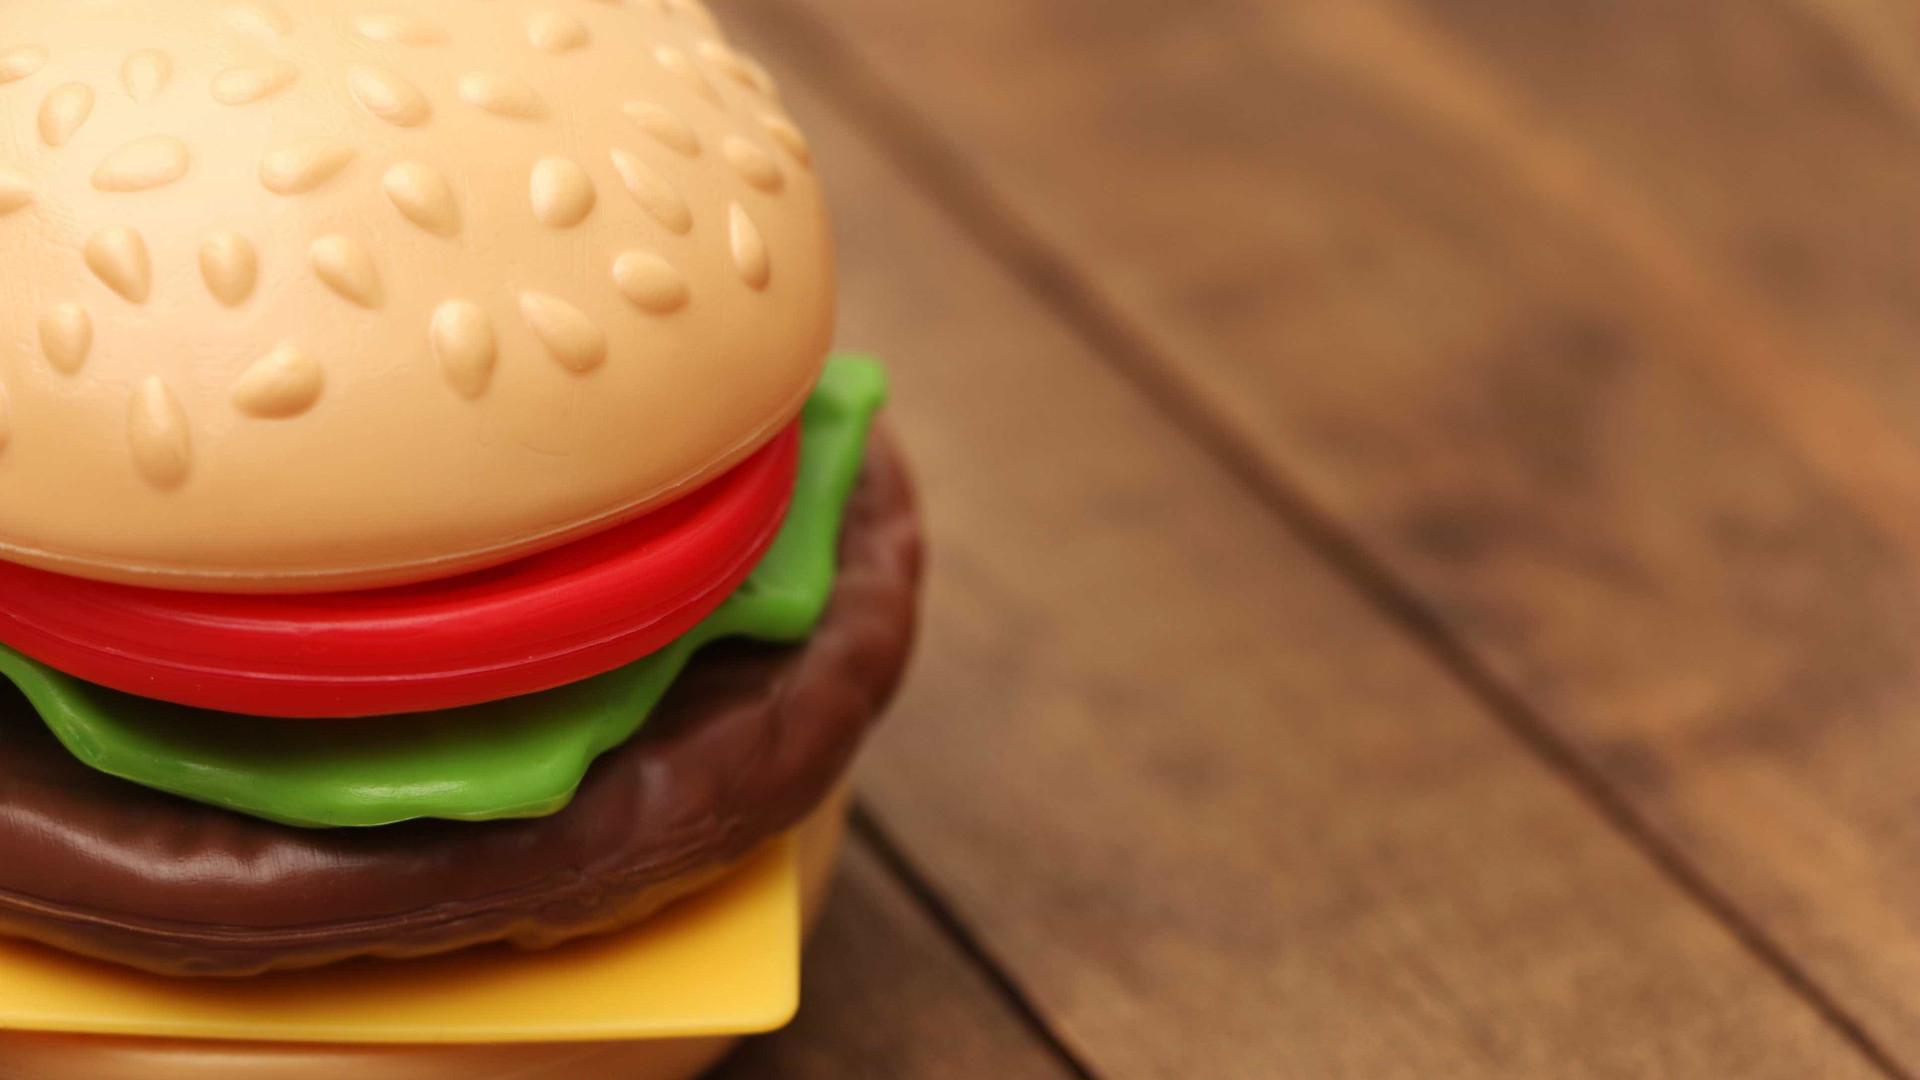 ASAE fiscalizou imitações perigosas de produtos alimentares